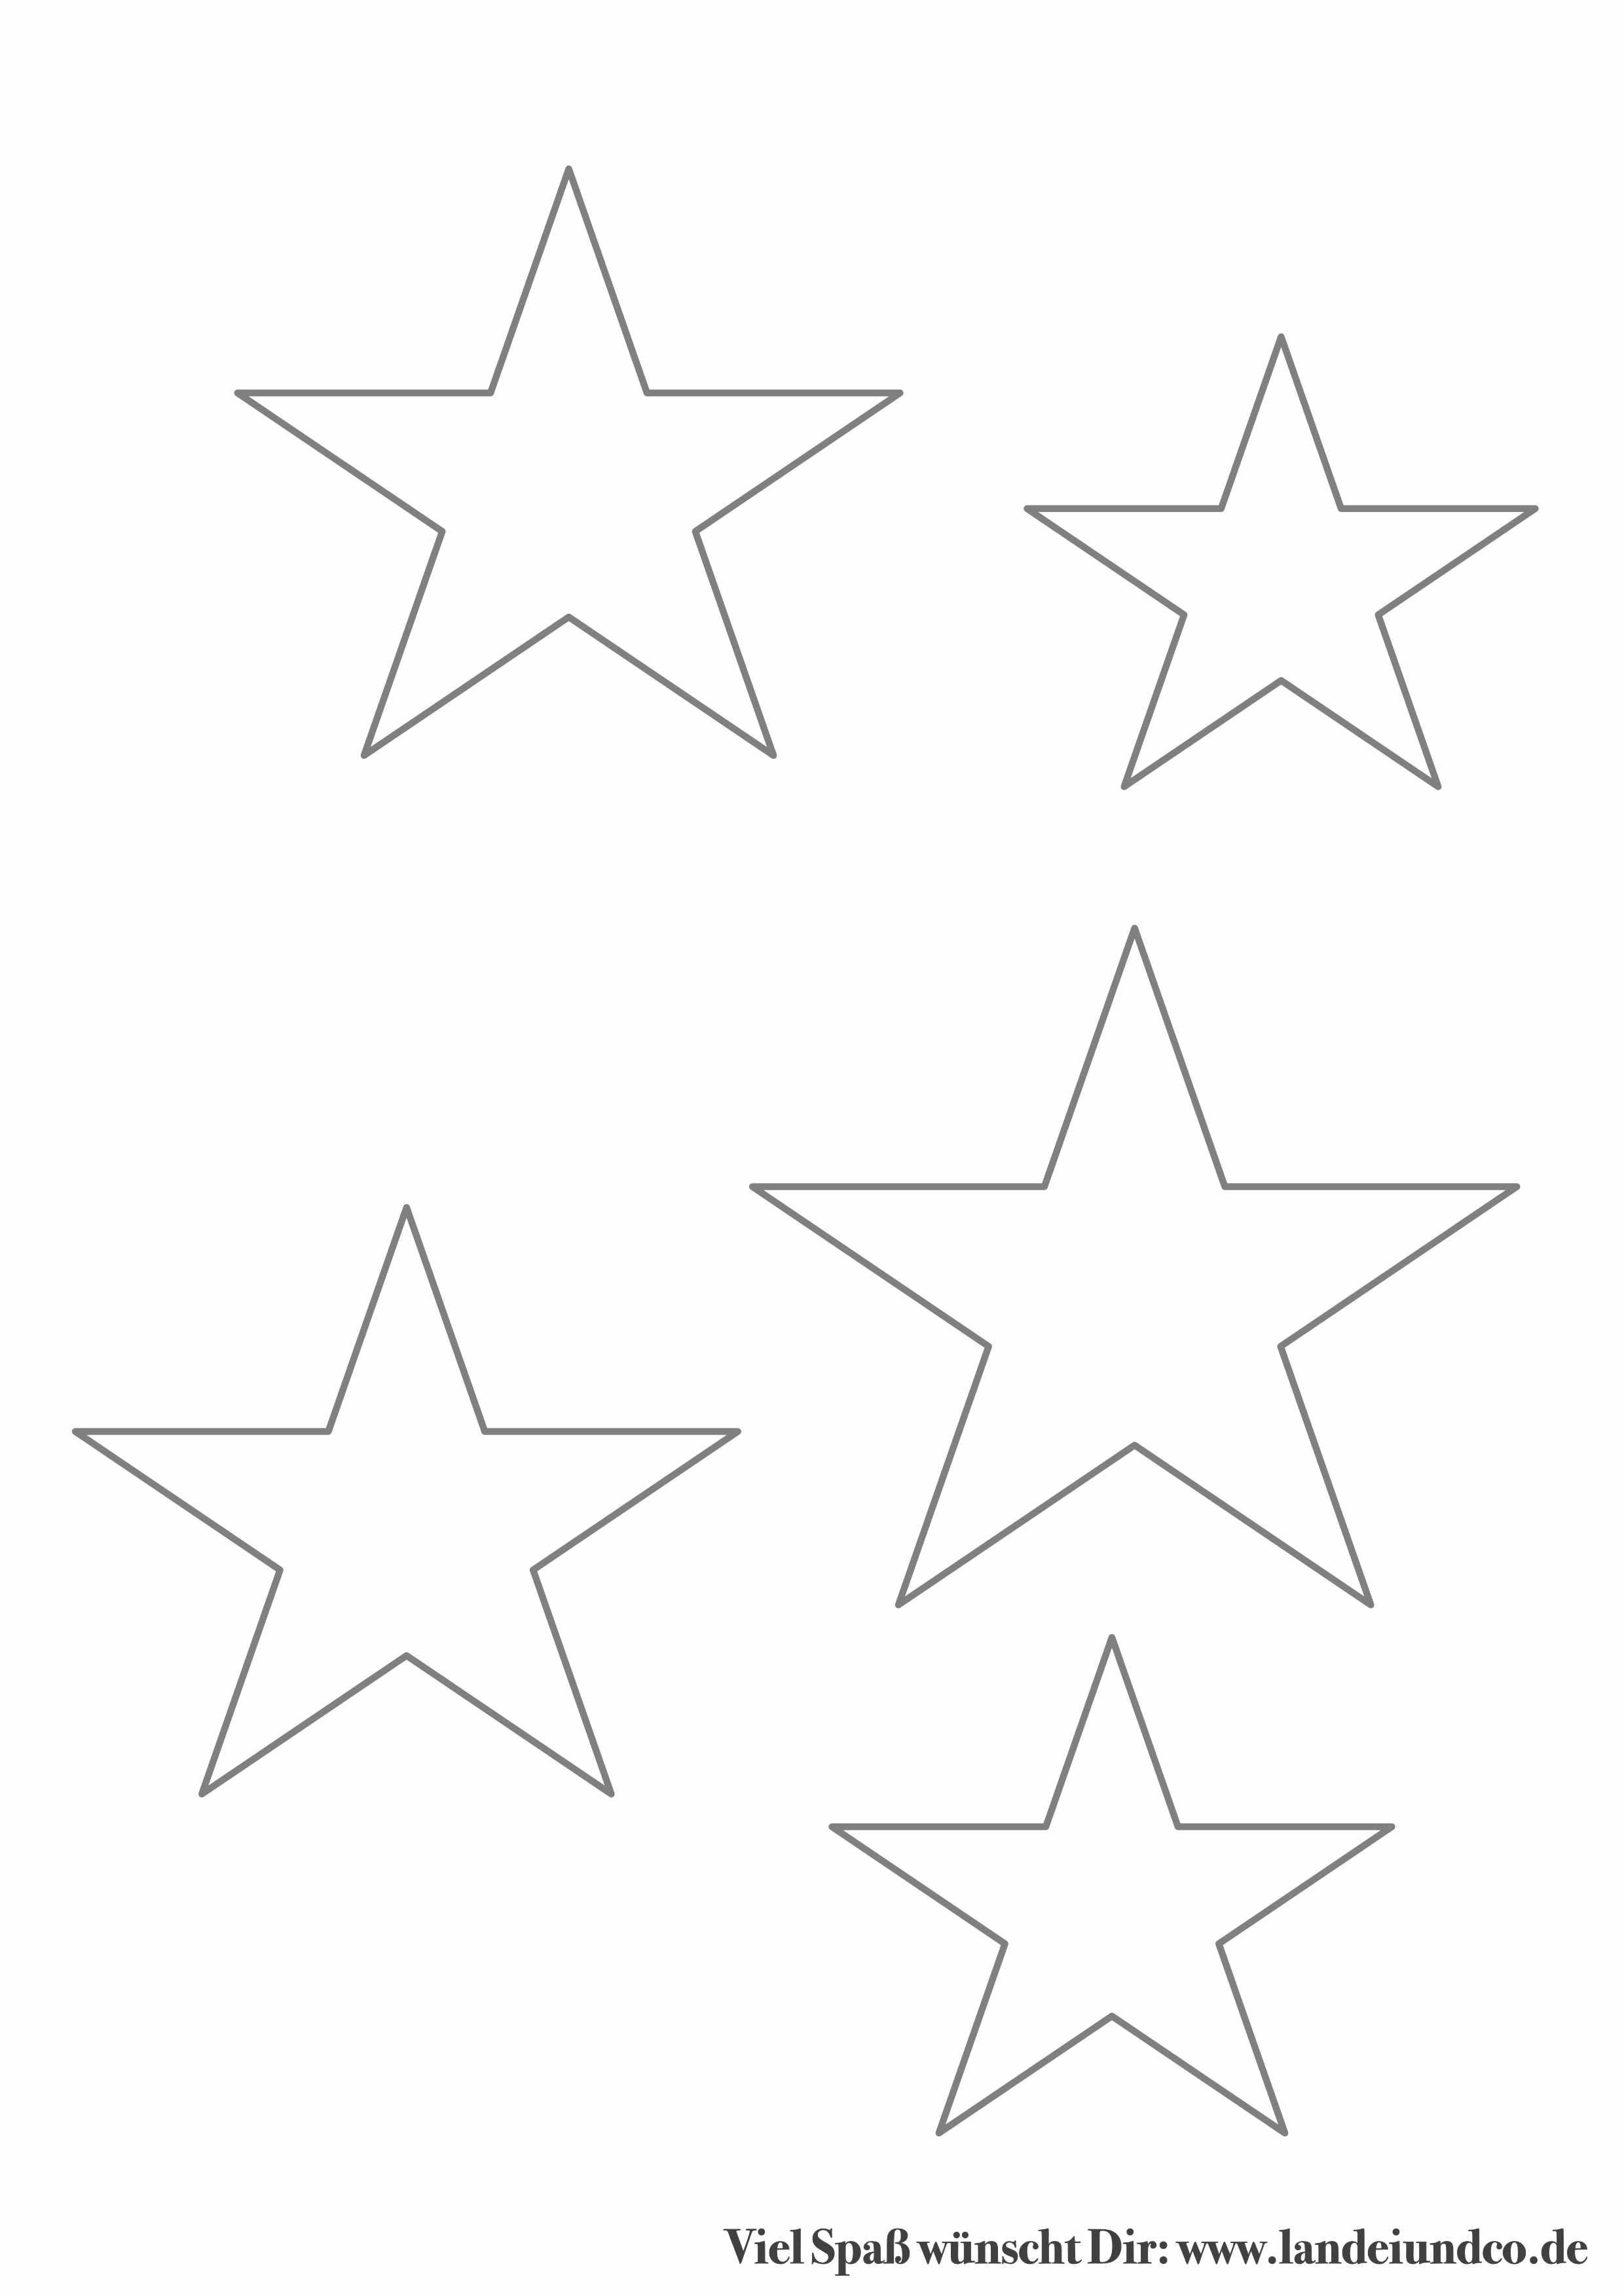 Historisches Stadtchen Zum Ausdrucken Landeiundco De Sterne Zum Ausdrucken Vorlage Stern Fensterbilder Weihnachten Basteln